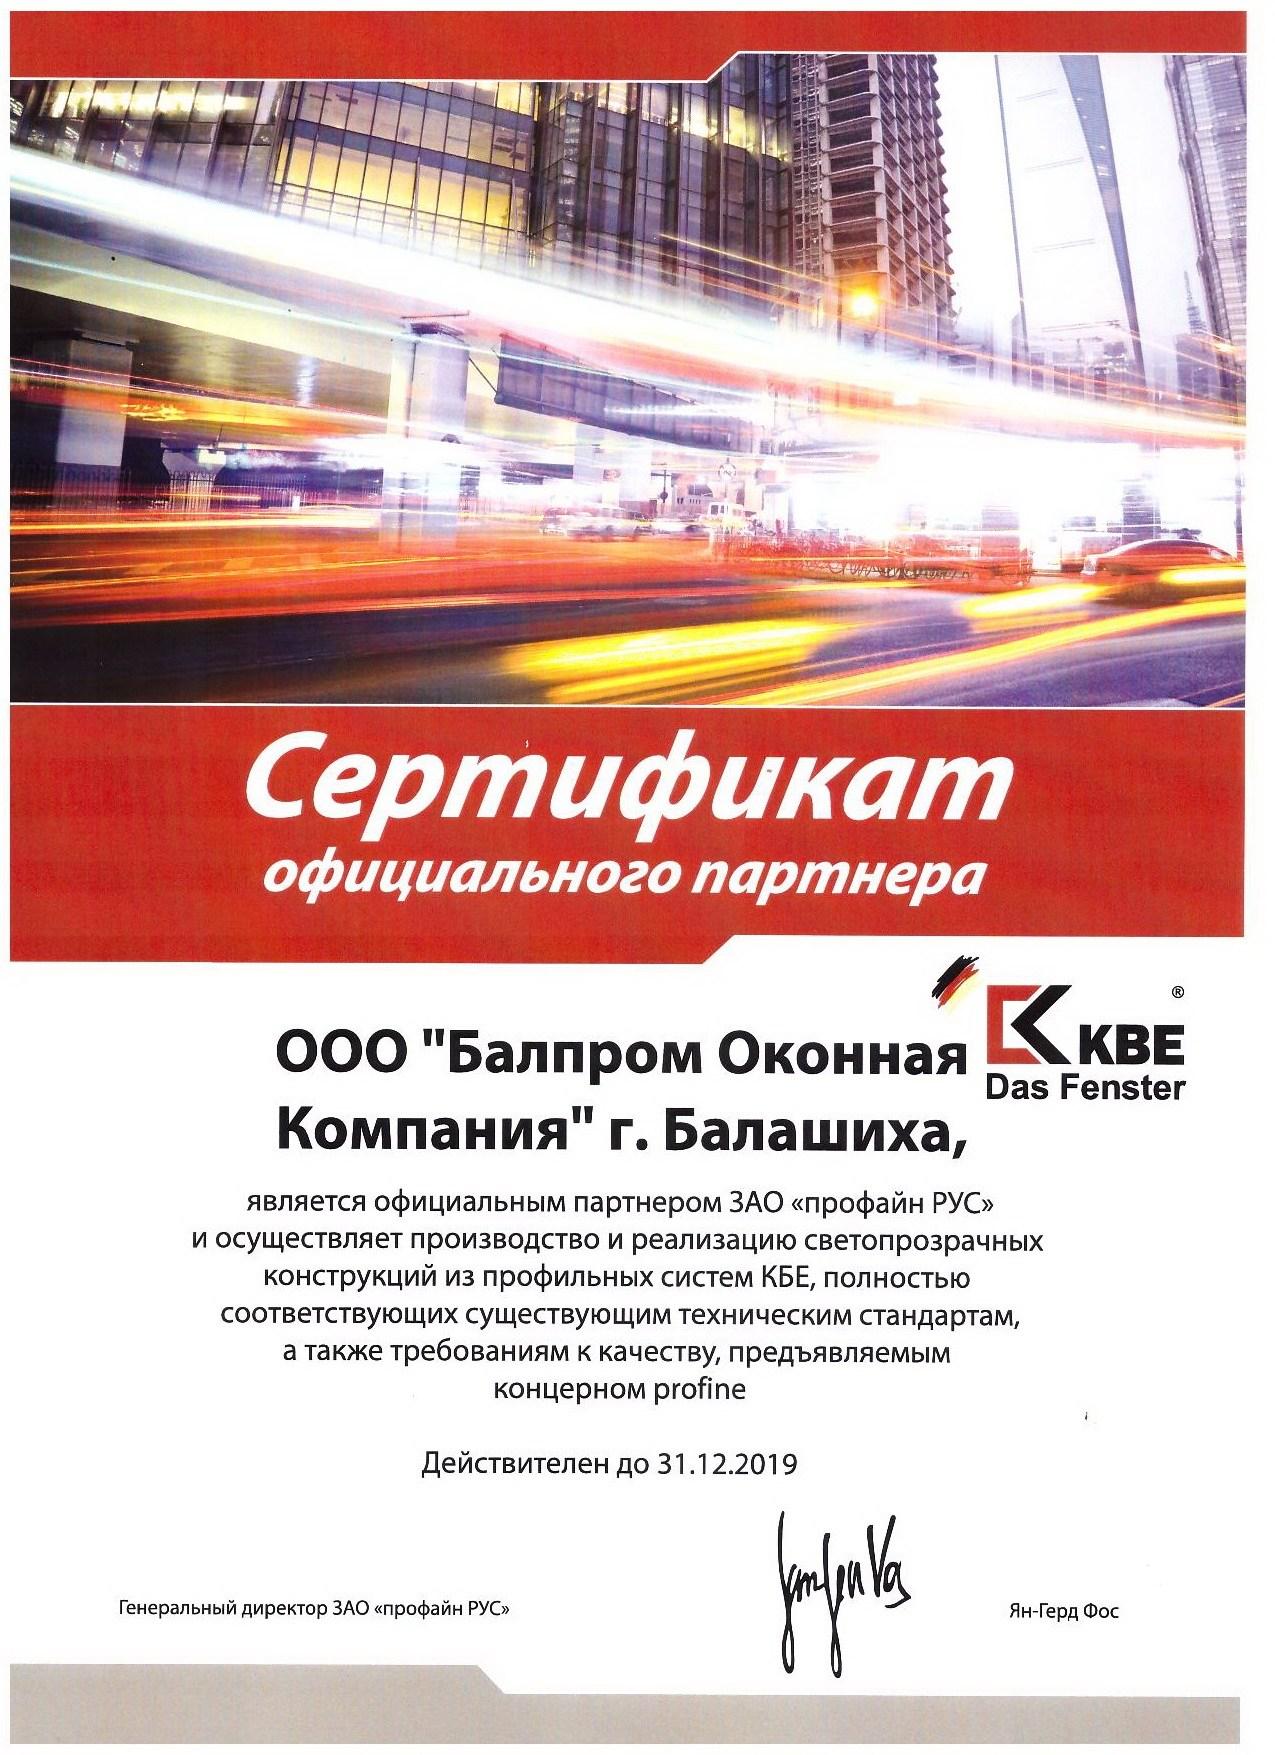 Сертификат официального партнера KBE